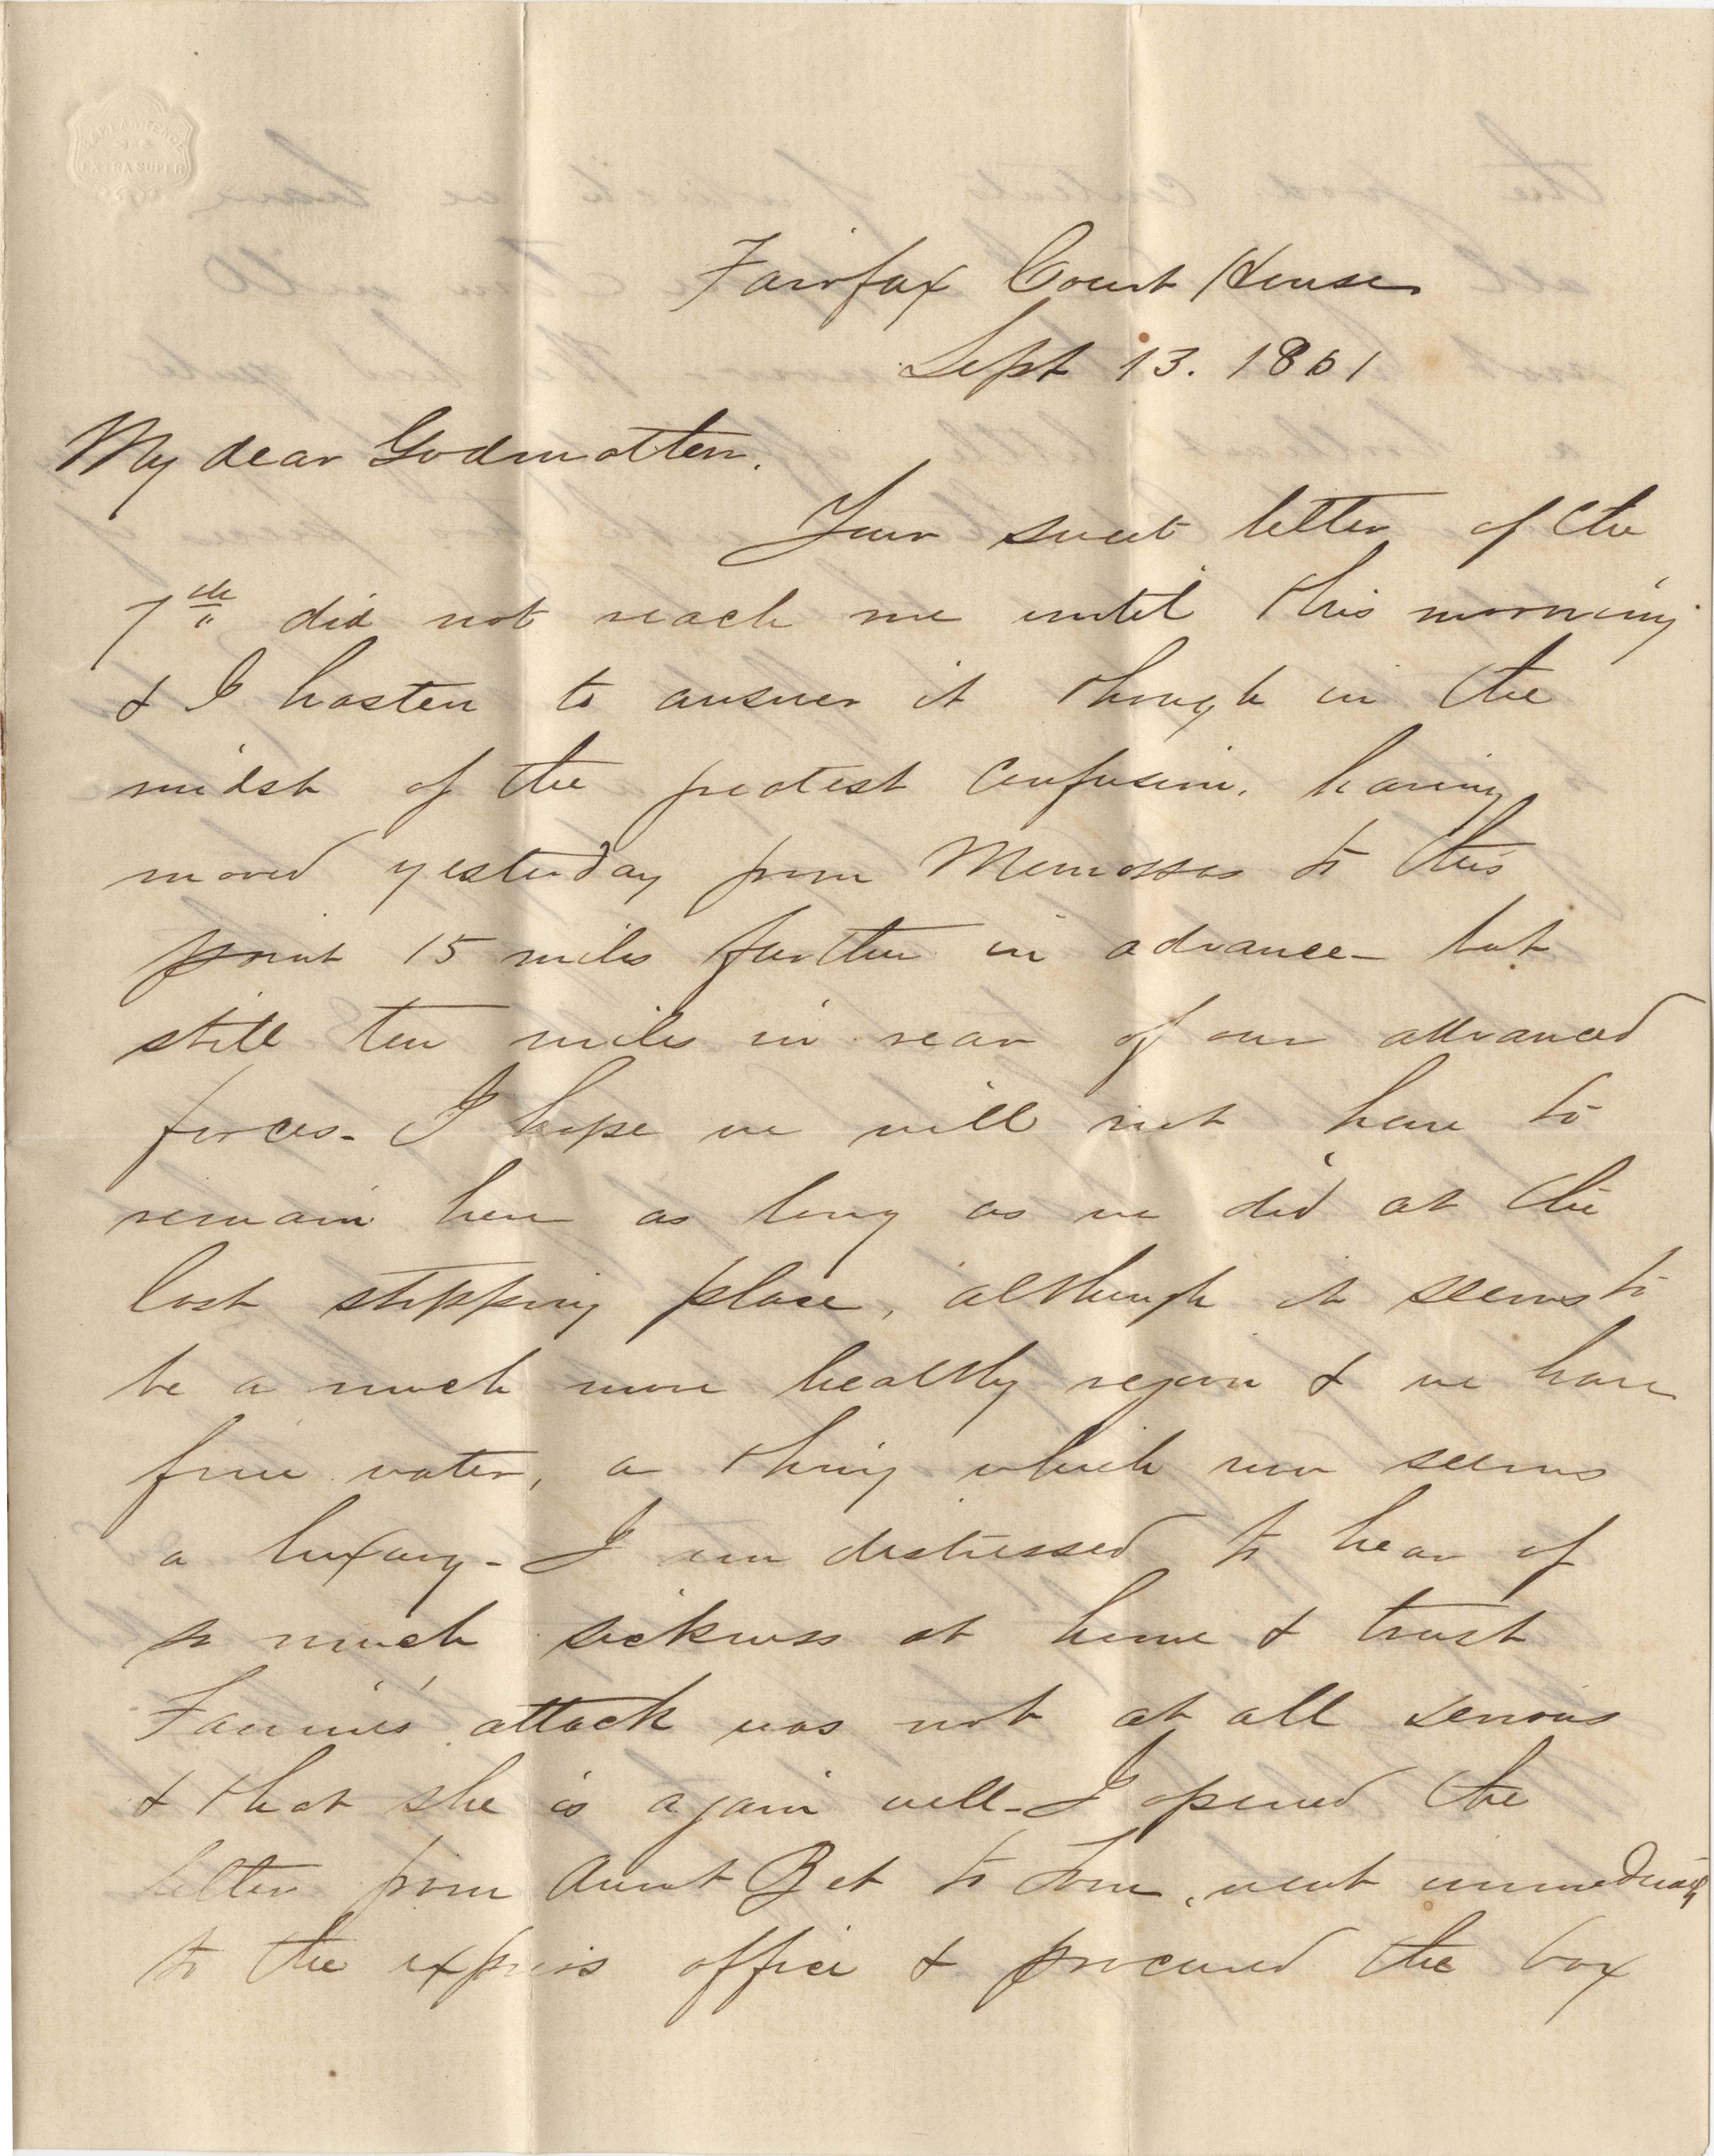 096. Samuel Wragg Ferguson to F.R. Barker (Godmother) -- September 13, 1861